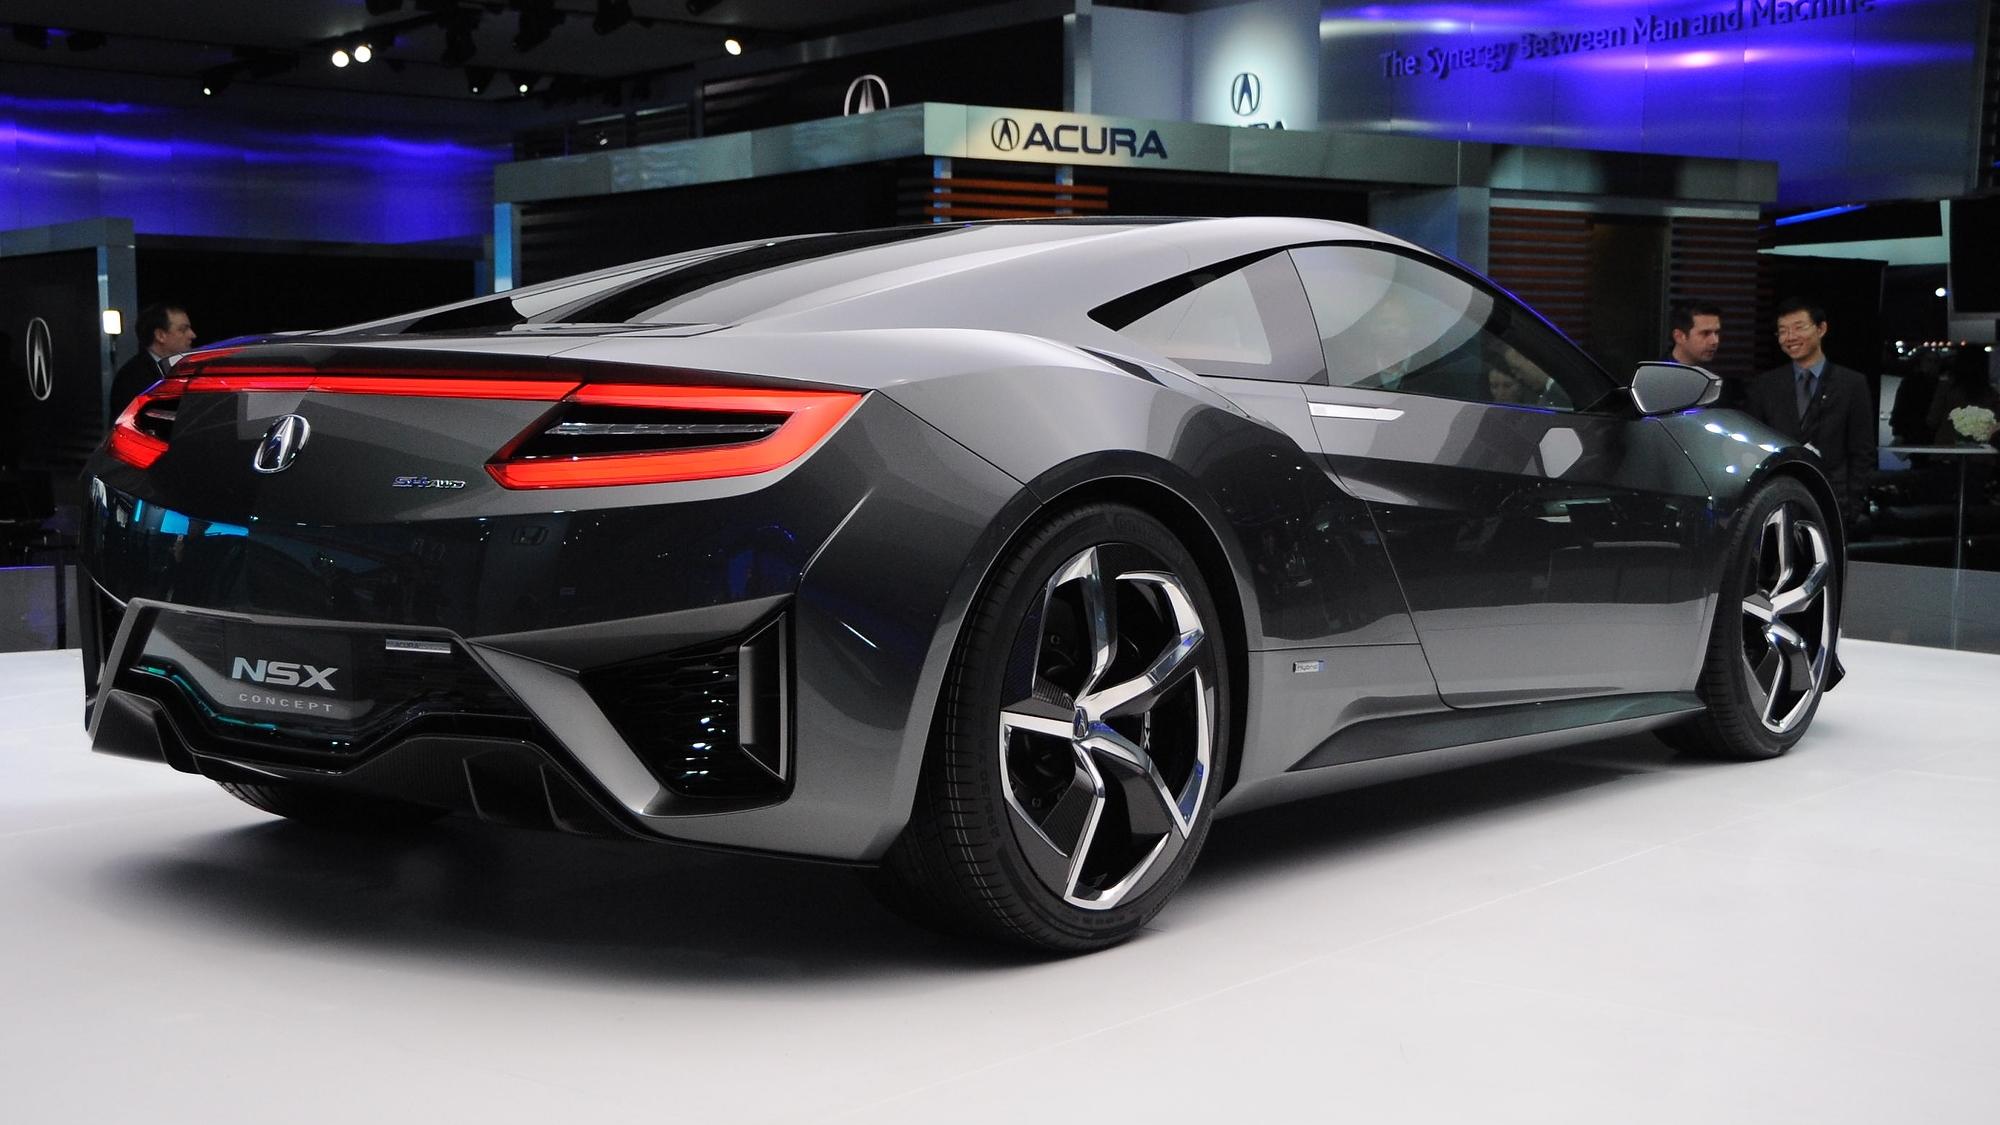 Updated Acura NSX Concept Live Photos: 2013 Detroit Auto Show